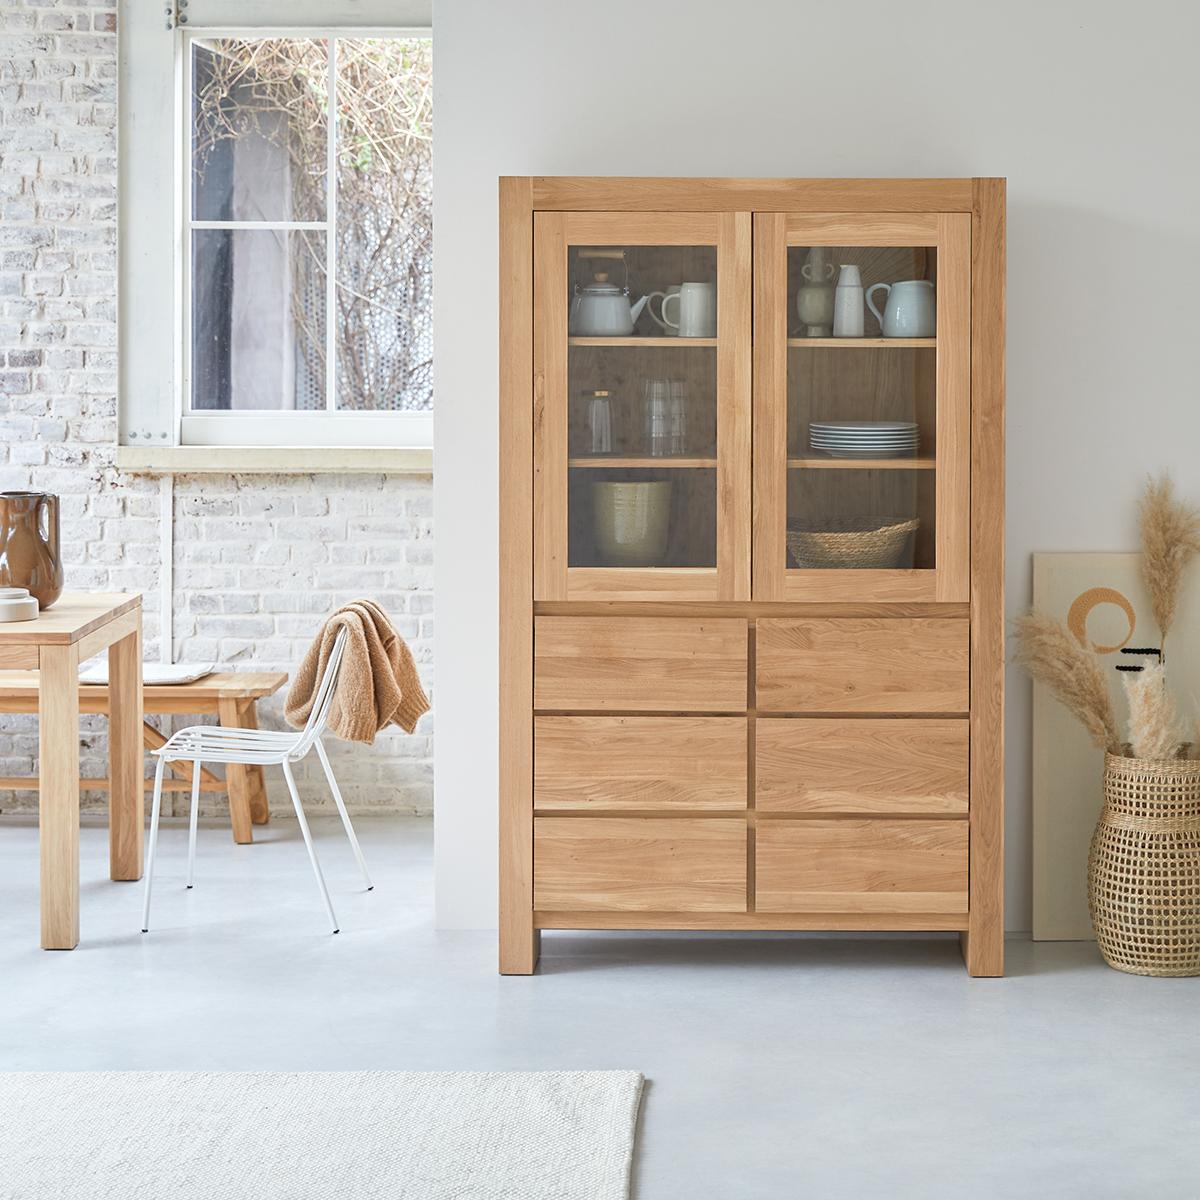 Eden solid oak Kitchen dresser